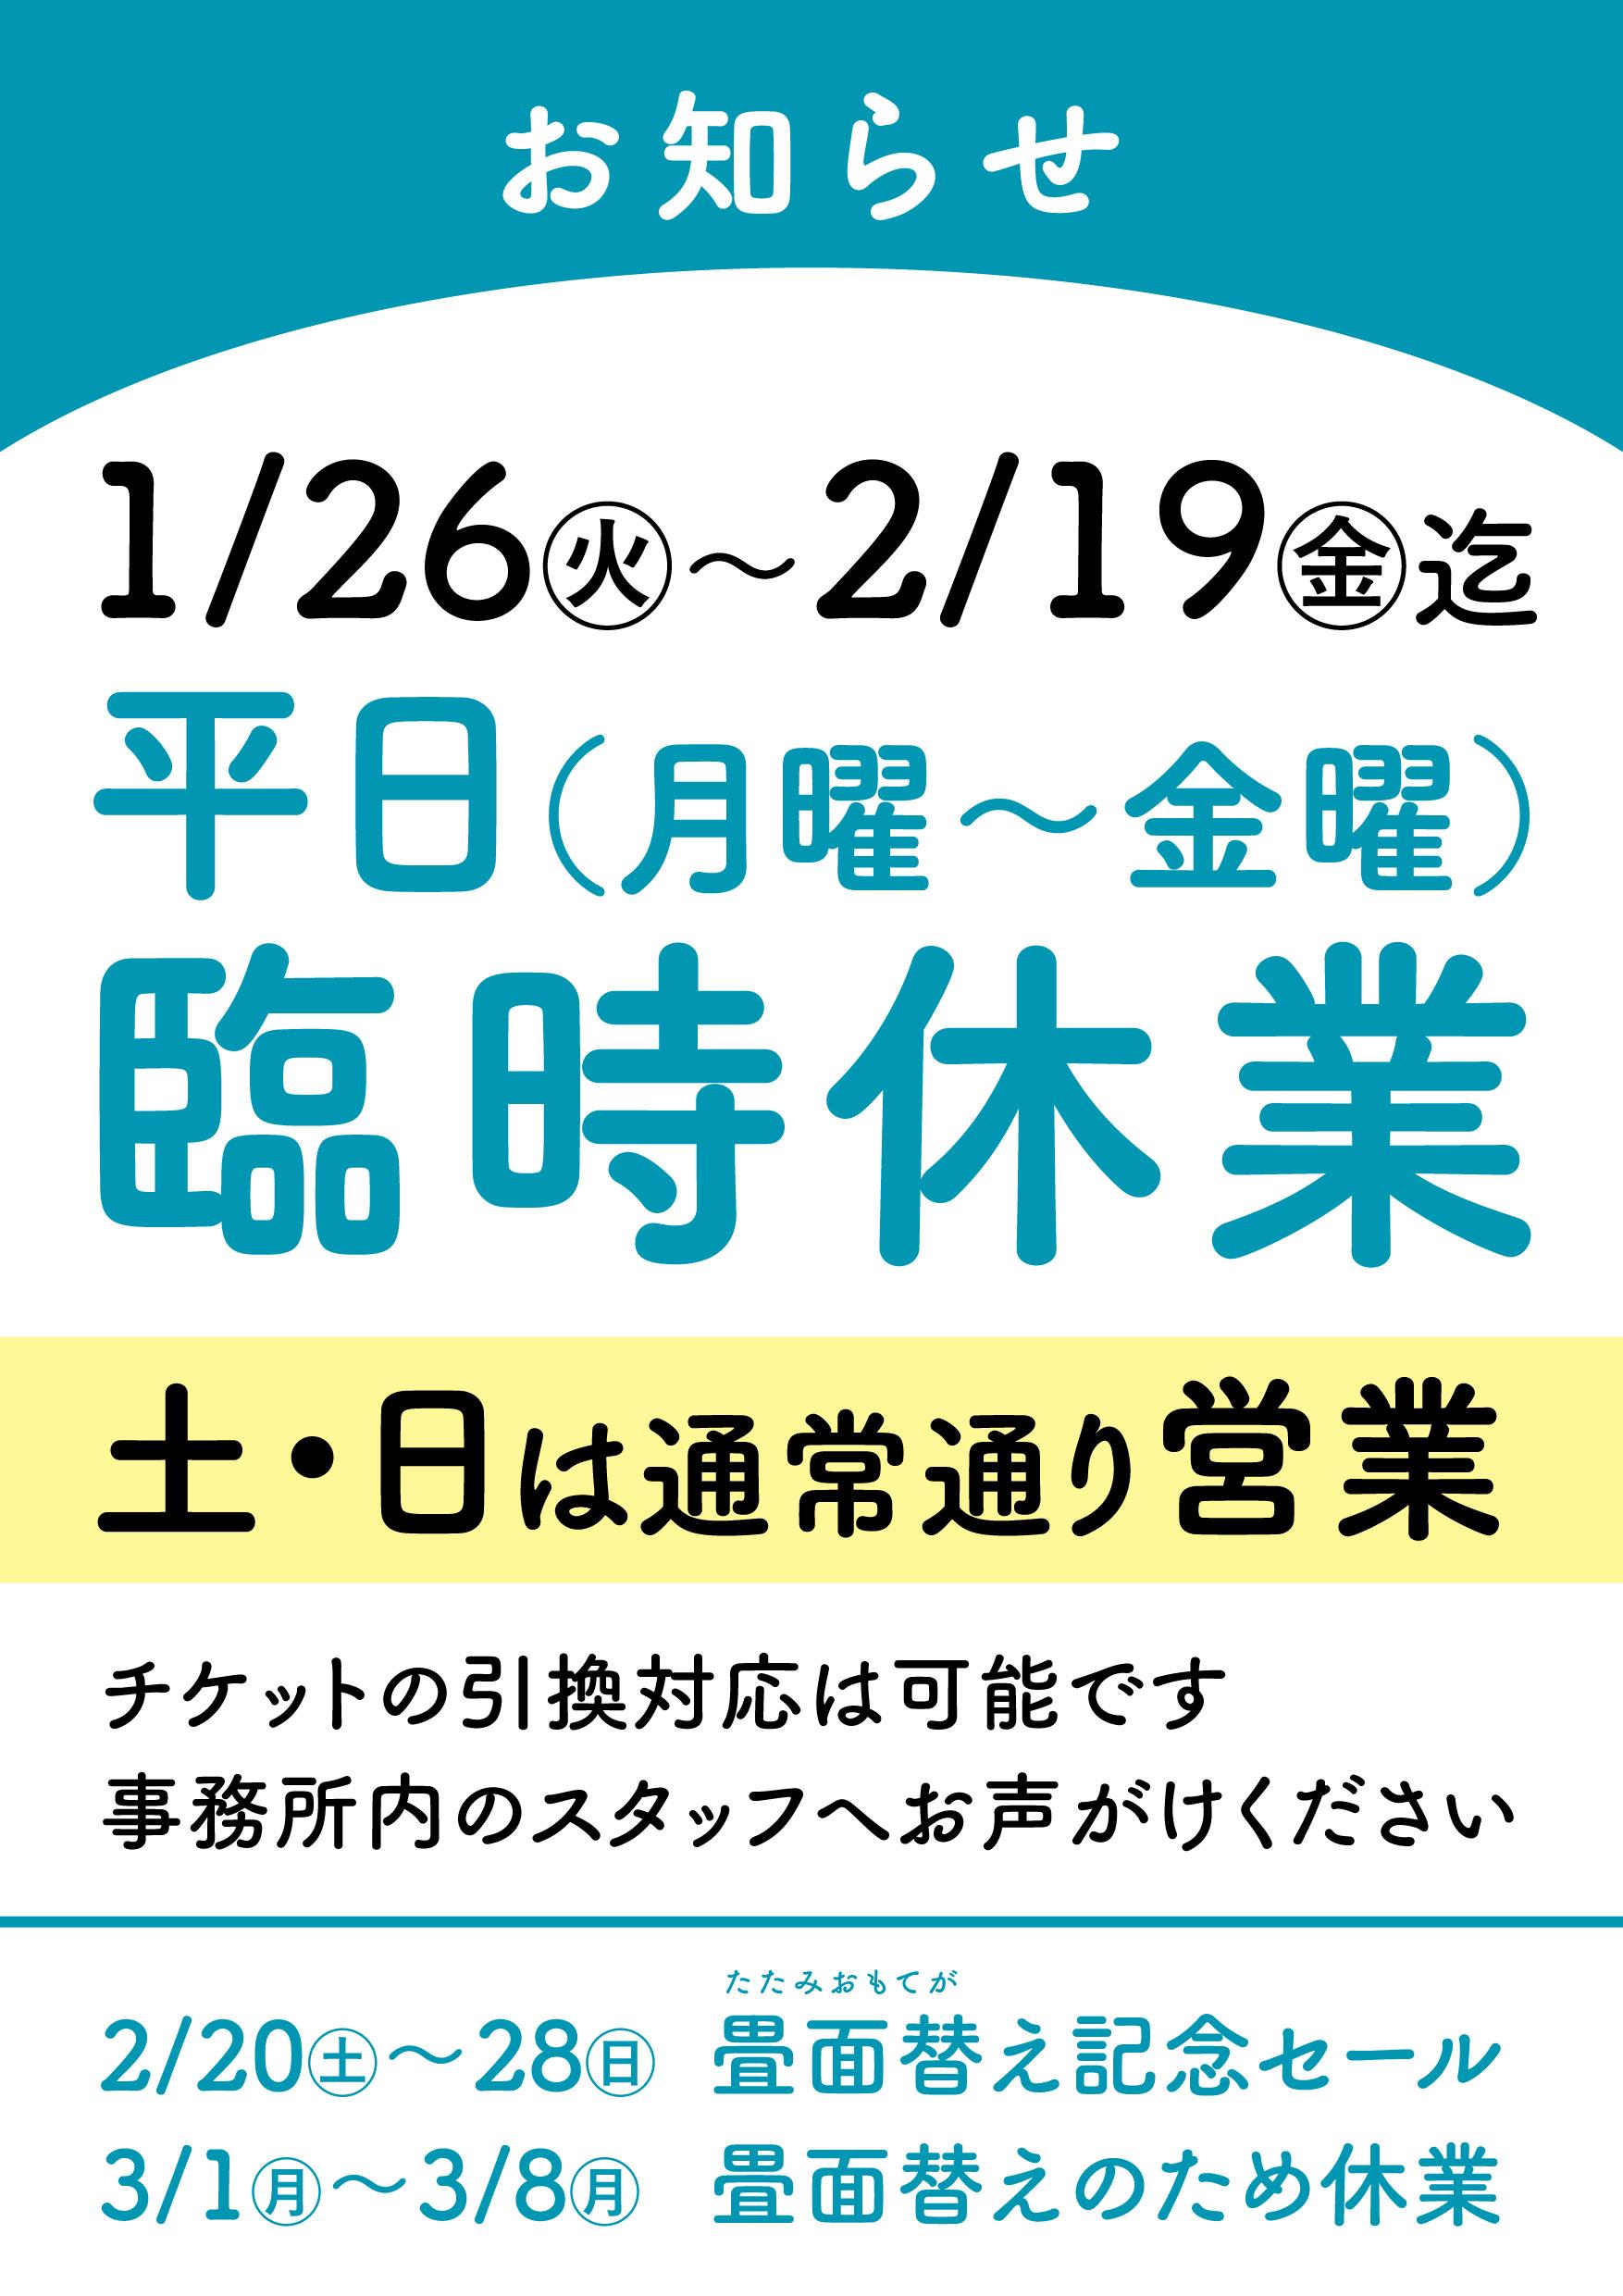 長良川デパート|臨時休業のお知らせ